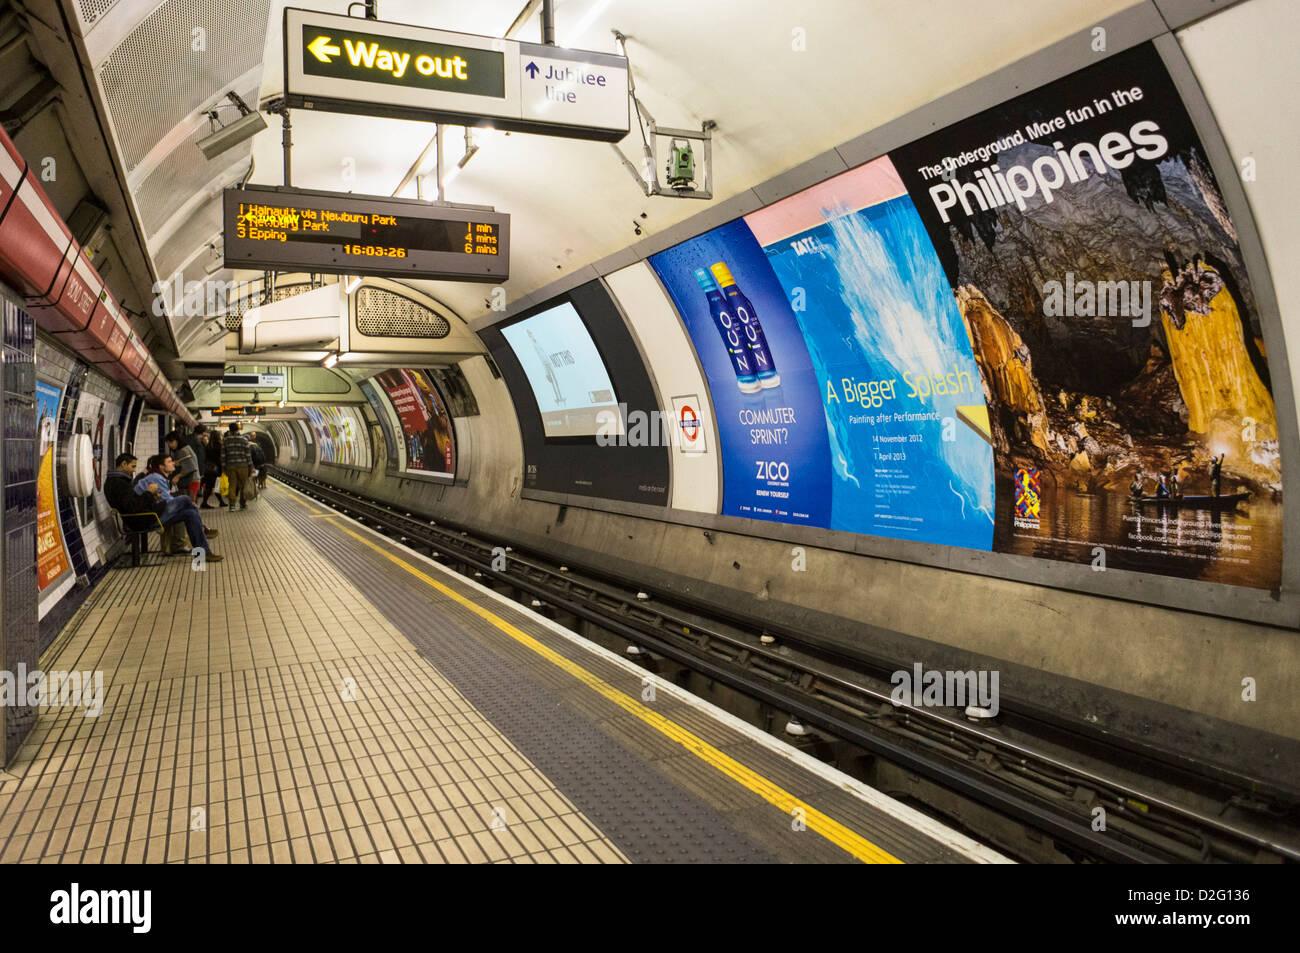 London underground platform, England, UK - Stock Image